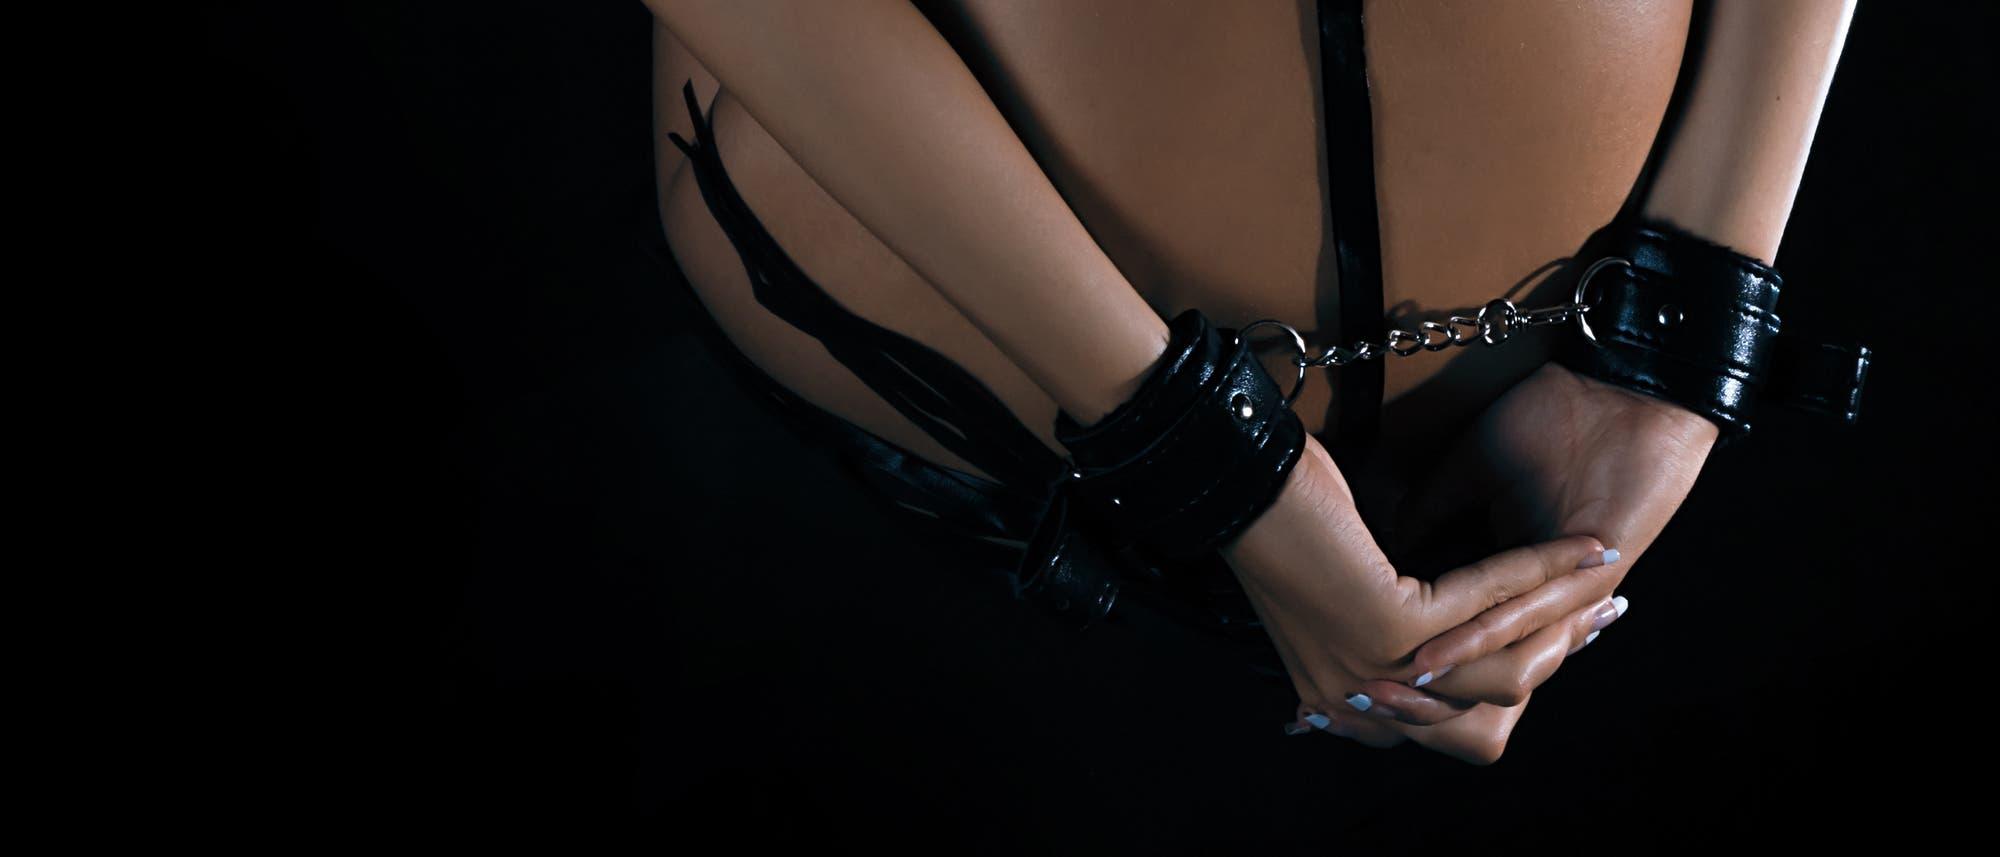 Eine Frau ist im Stil des Bondage gefesselt